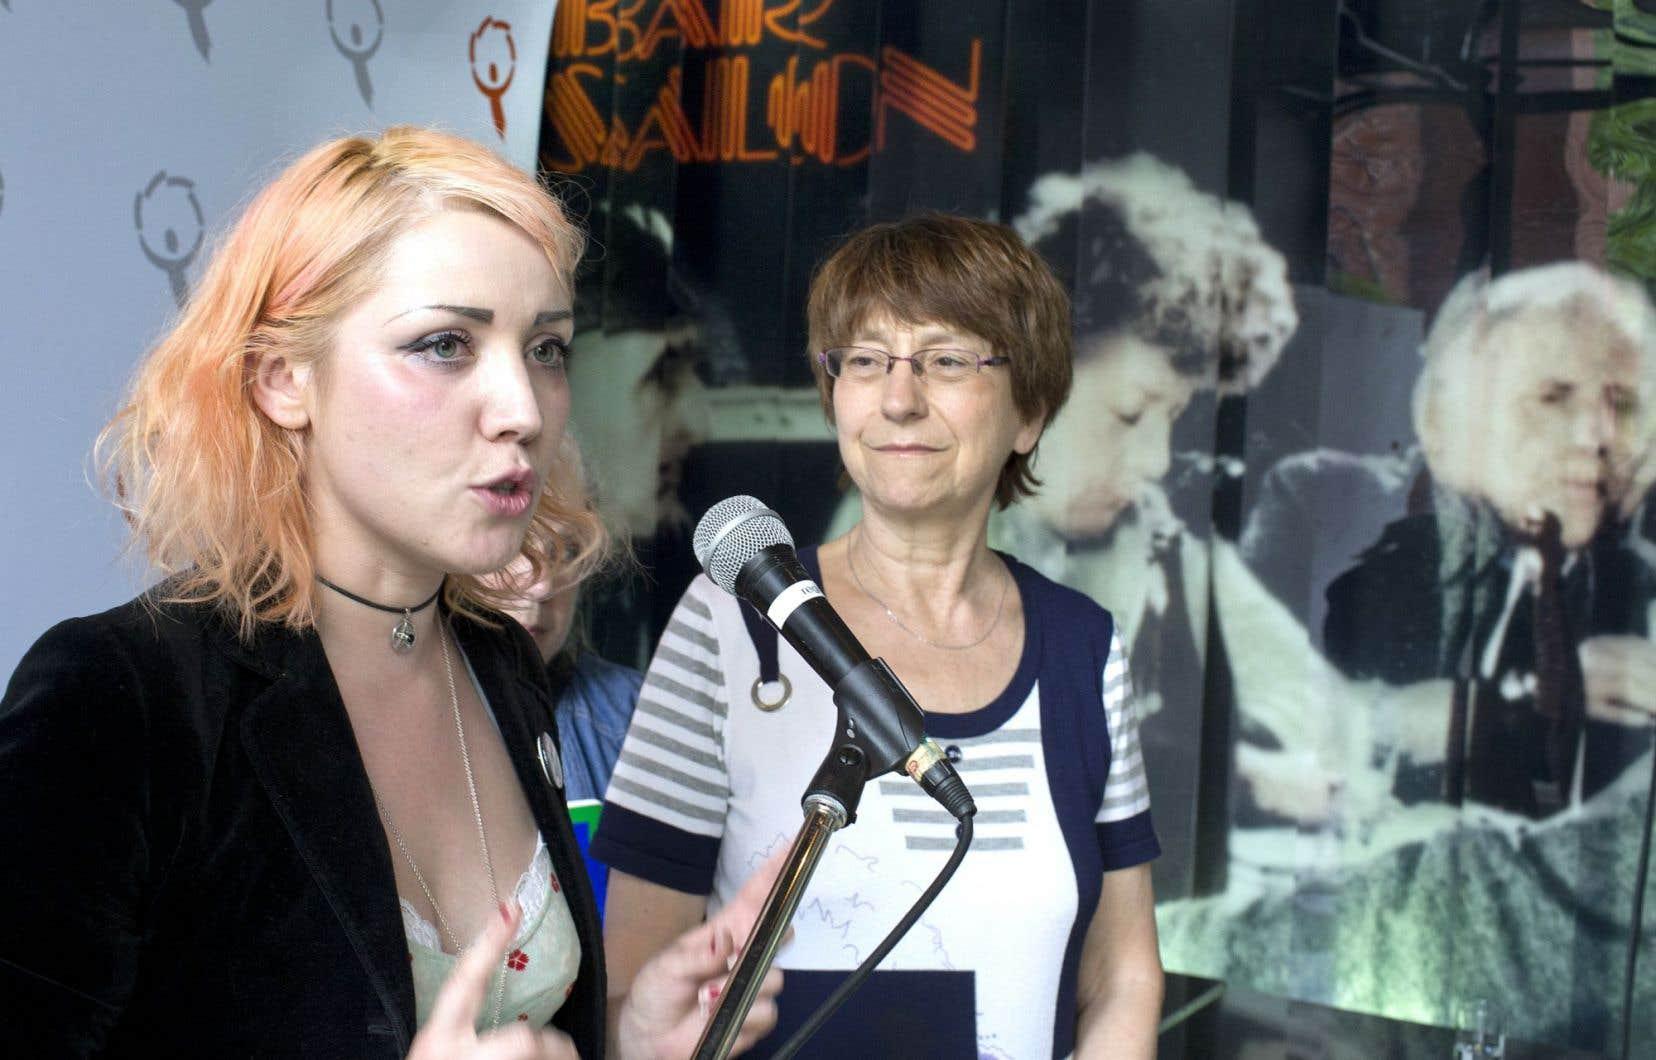 Invitée au dixième congrès de Québec solidaire, qui se tient cette fin de semaine, la militante féministe écossaise Cat Boyd était avec Françoise David, vendredi à Montréal.